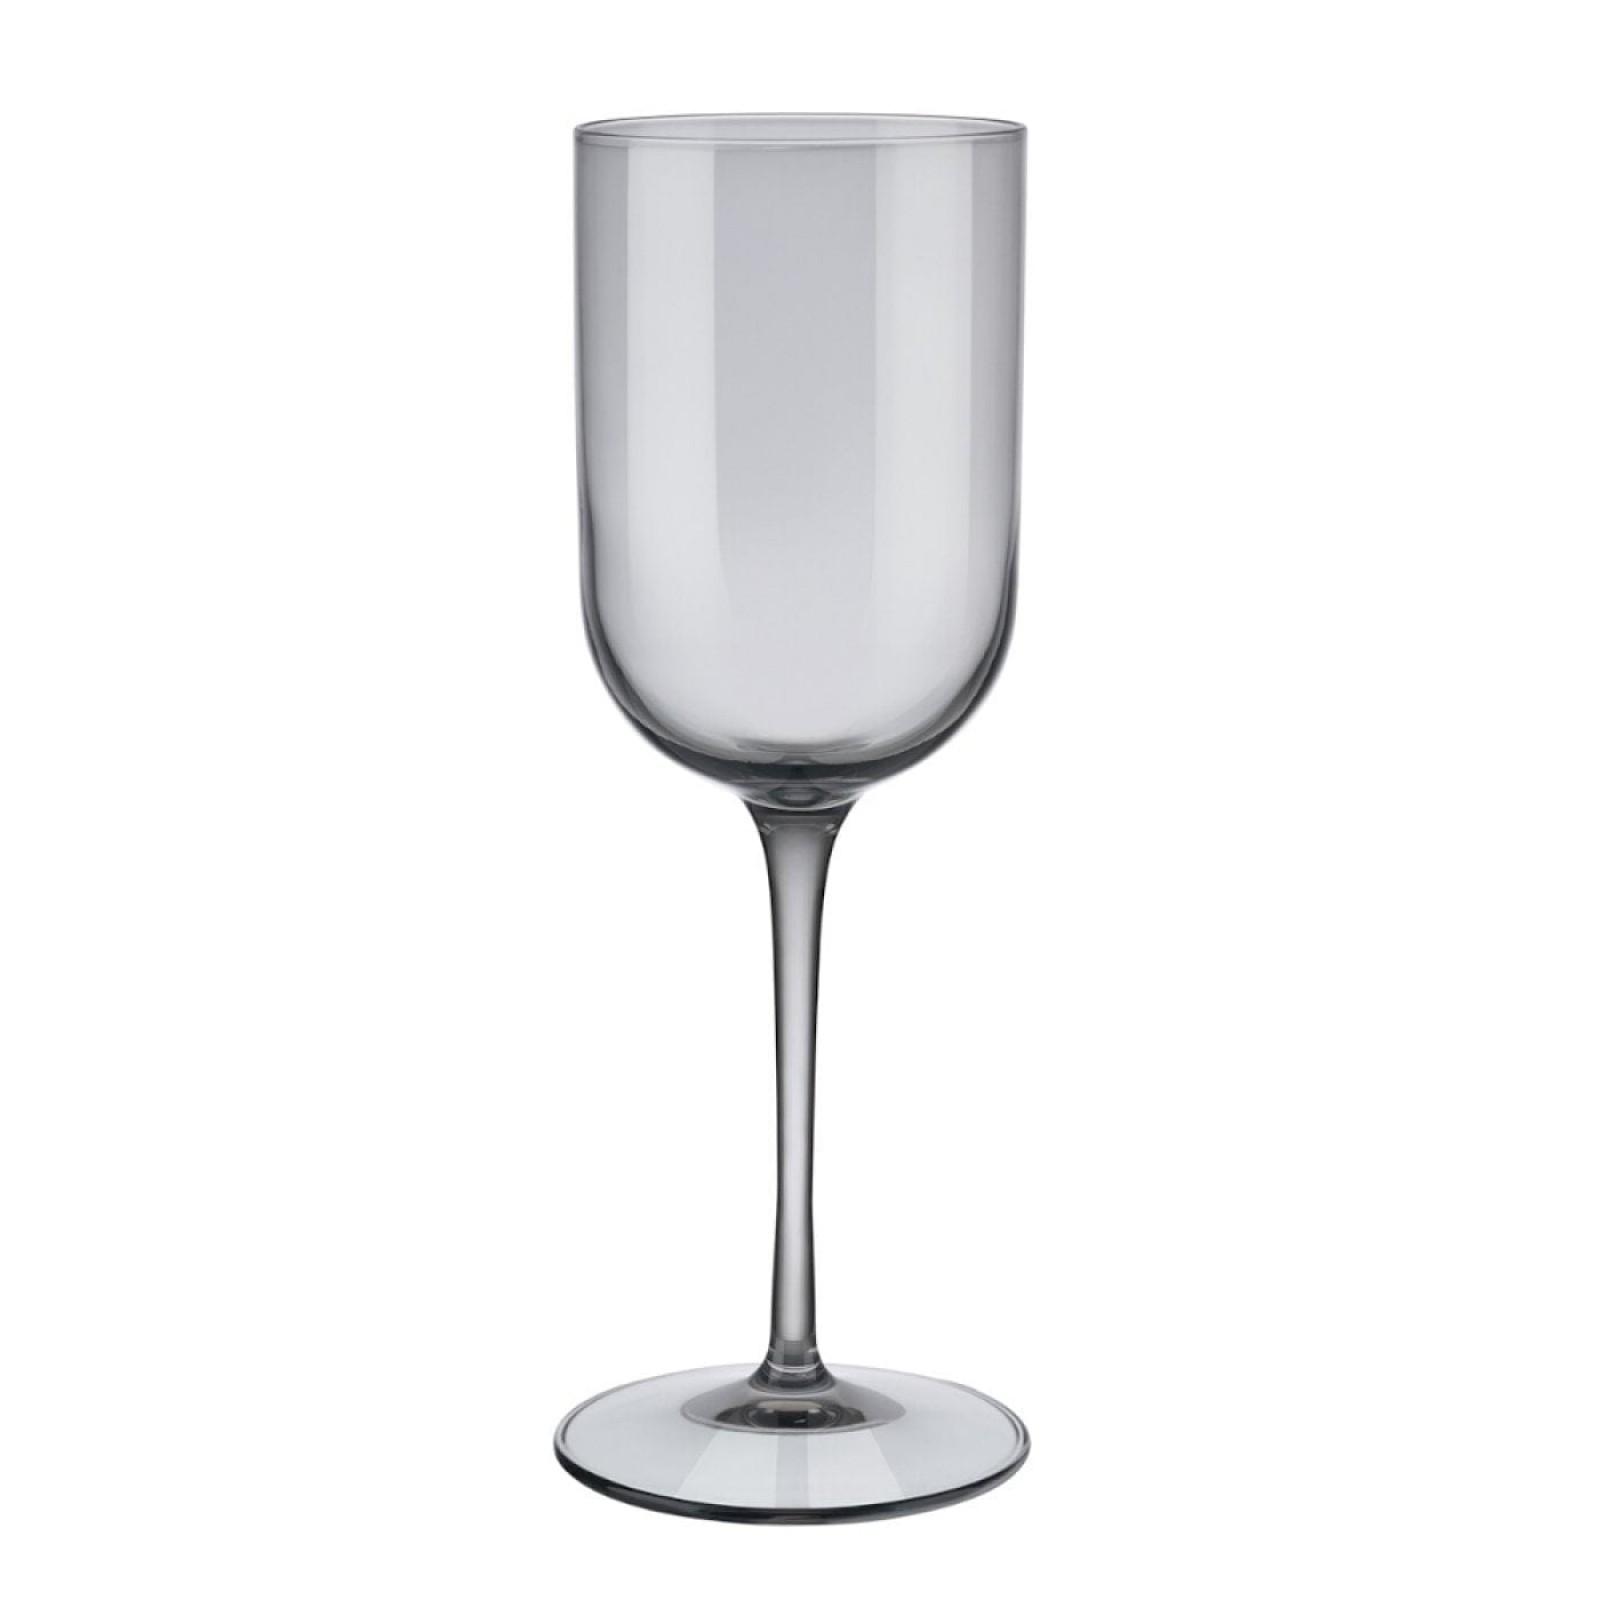 Ποτήρια Λευκού Κρασιού FUUM 280ml Σετ των 4 (Γκρι Γυαλί) - Blomus